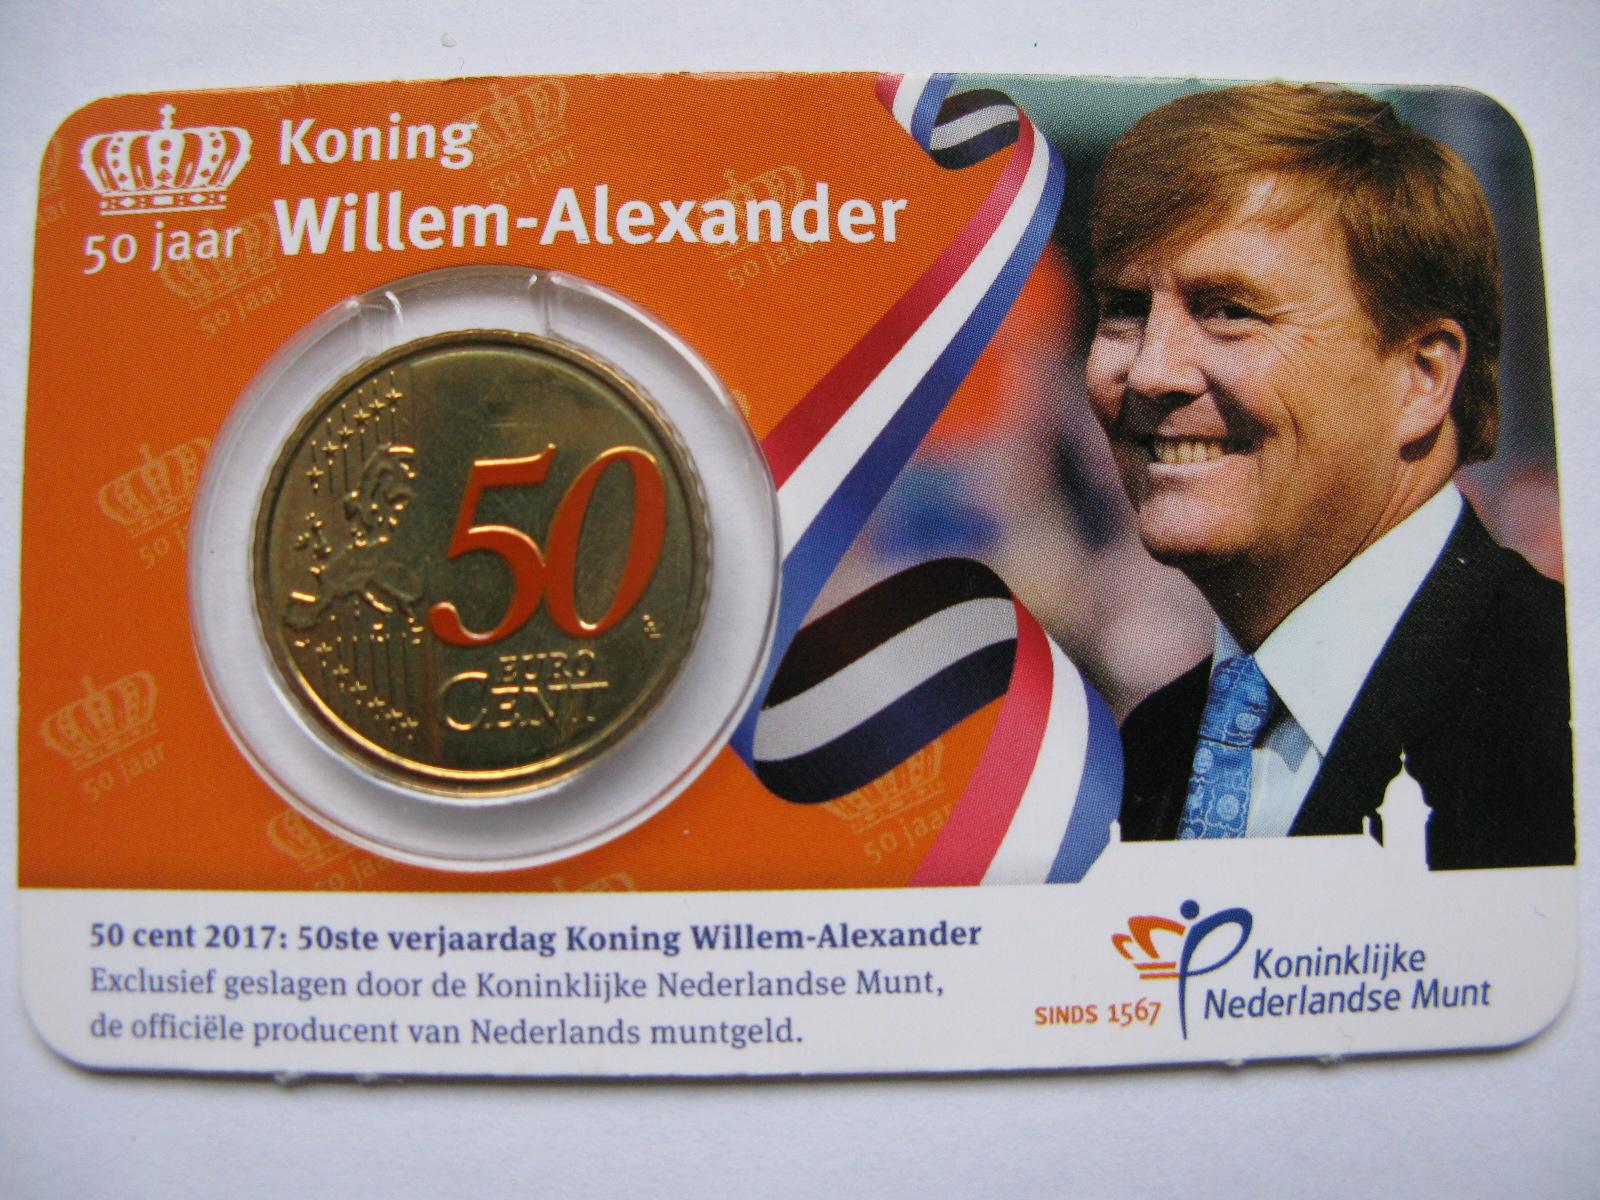 Нидерланды 50 евро центов 2017 г. в карточке.